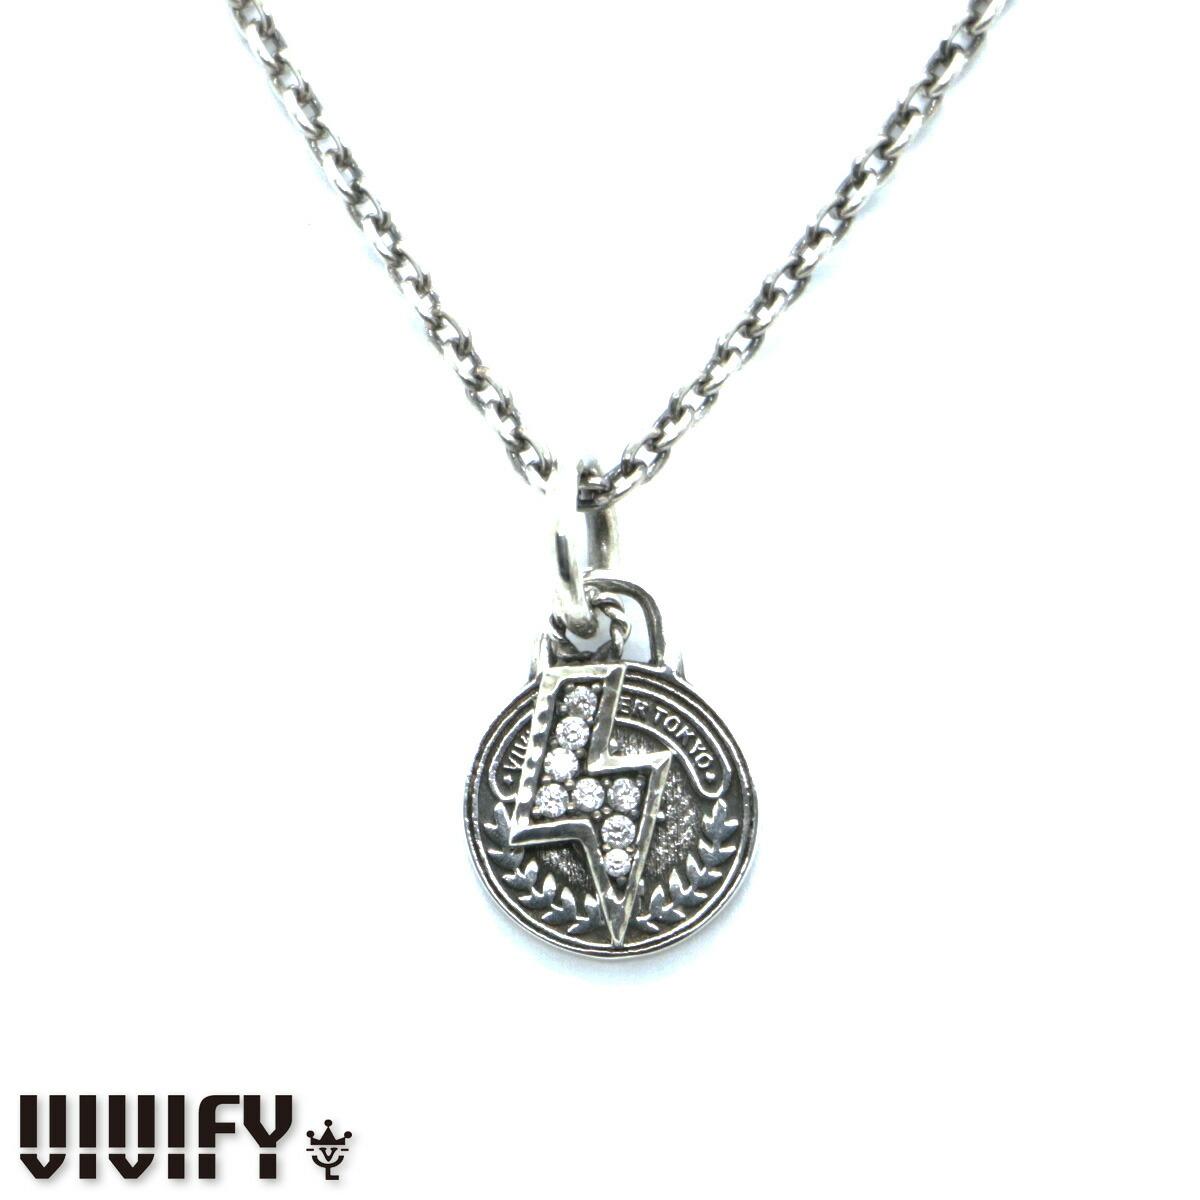 あす楽 VIVIFY/ビビファイ コイン ライトニング ネックレス 白 黒 選べるジルコニア プレゼント VFN-231